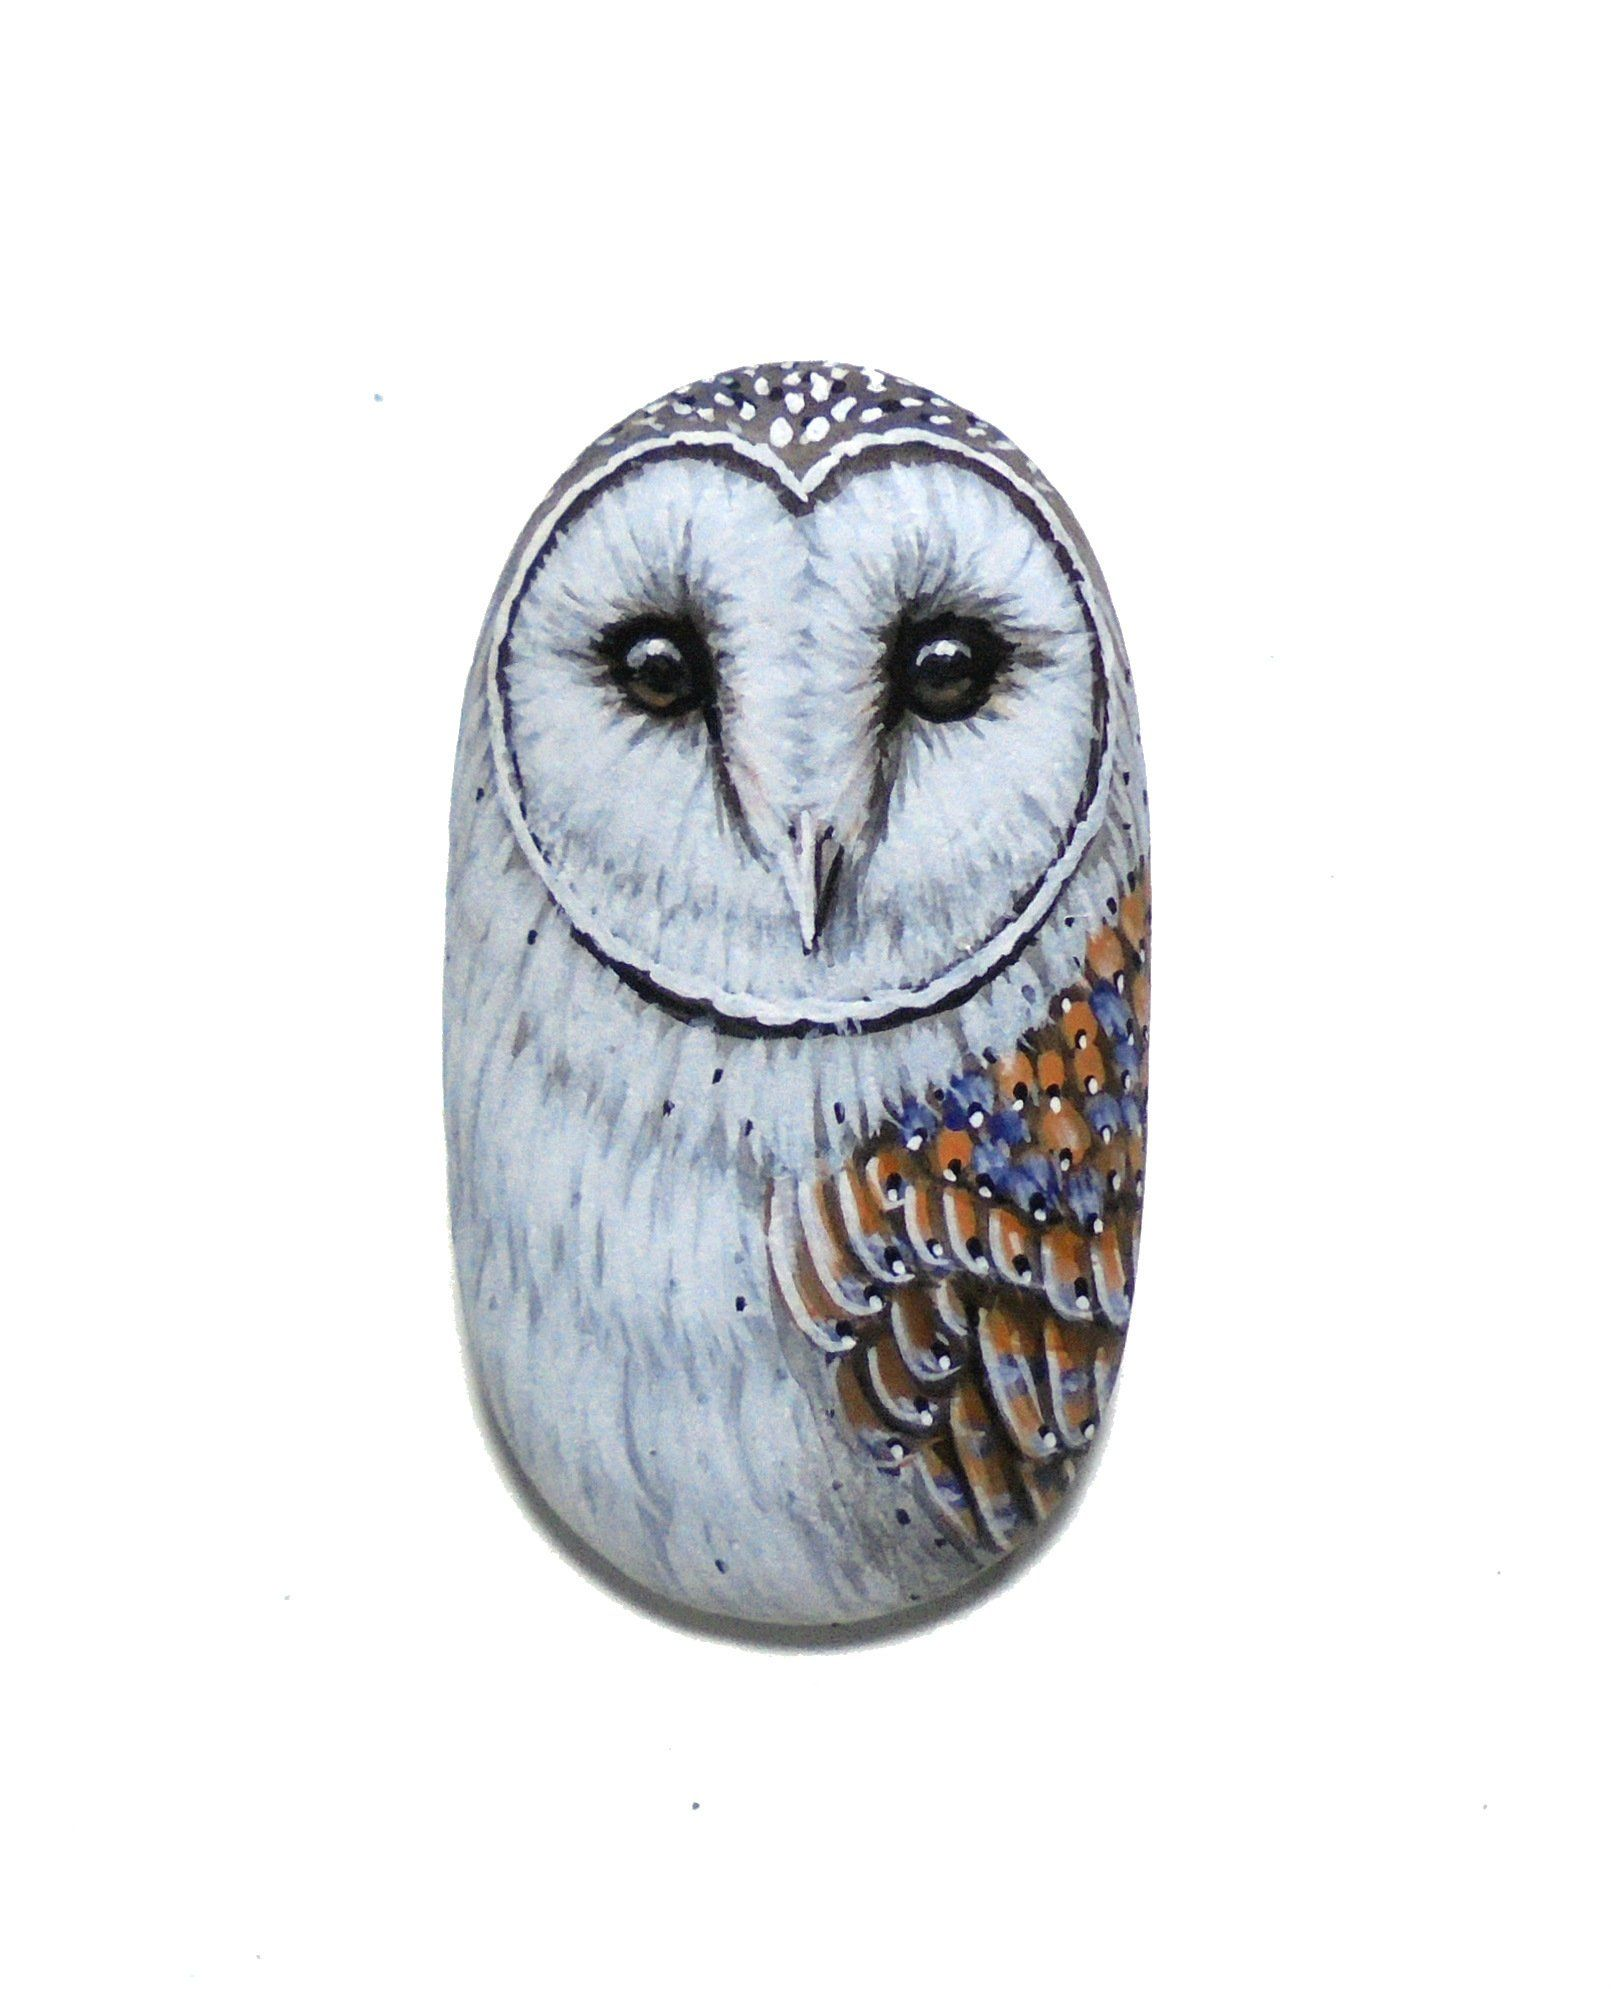 Hand-Painted Barn Owl Sea Pebble Magnet! Miniature Bird Painting on ...